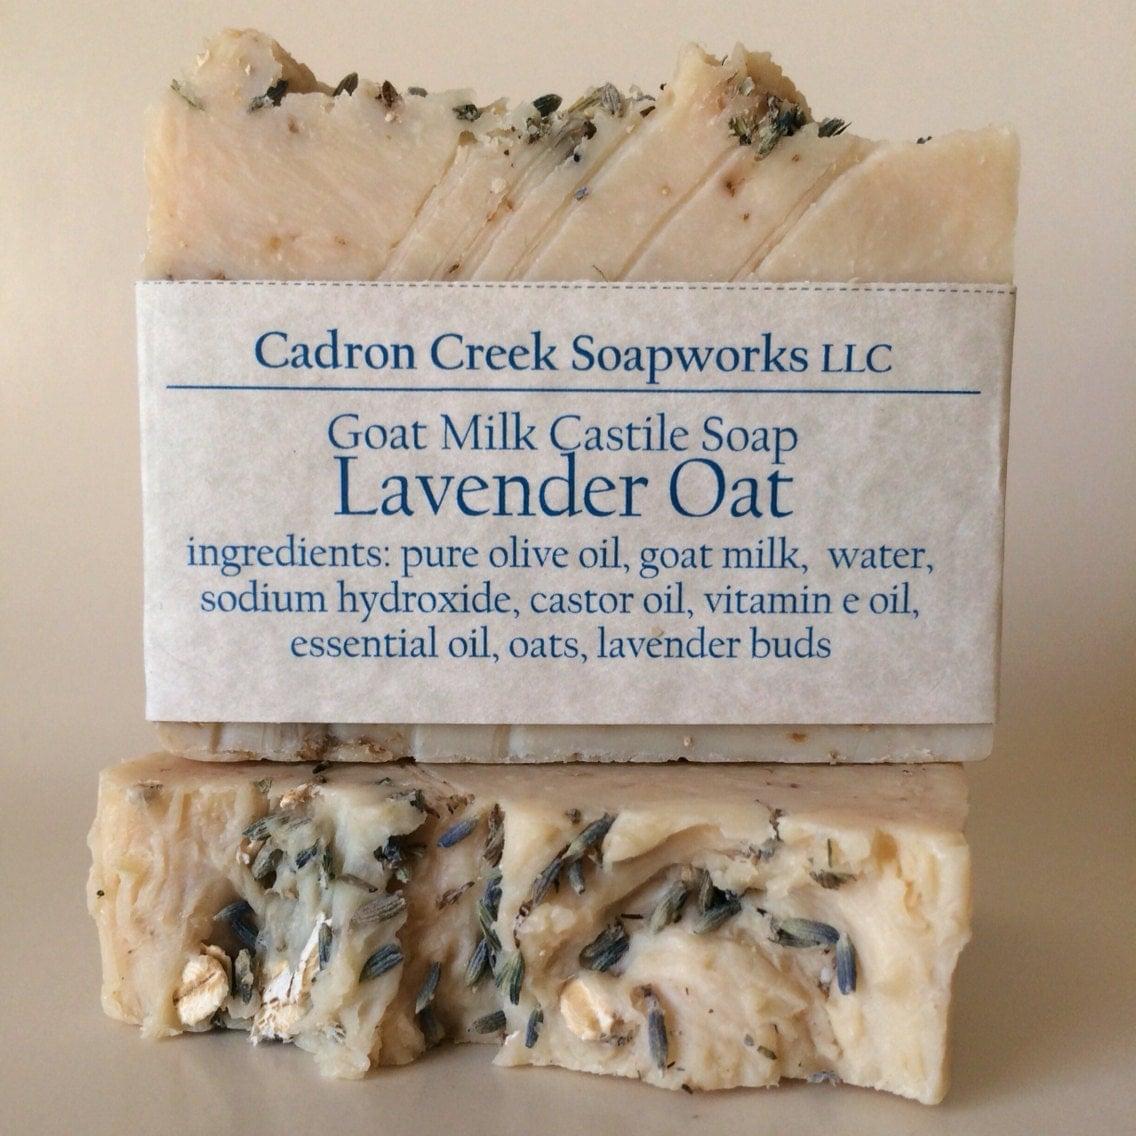 Lavender Oat Goat Milk Castile Soap by CadronCreekSoapworks